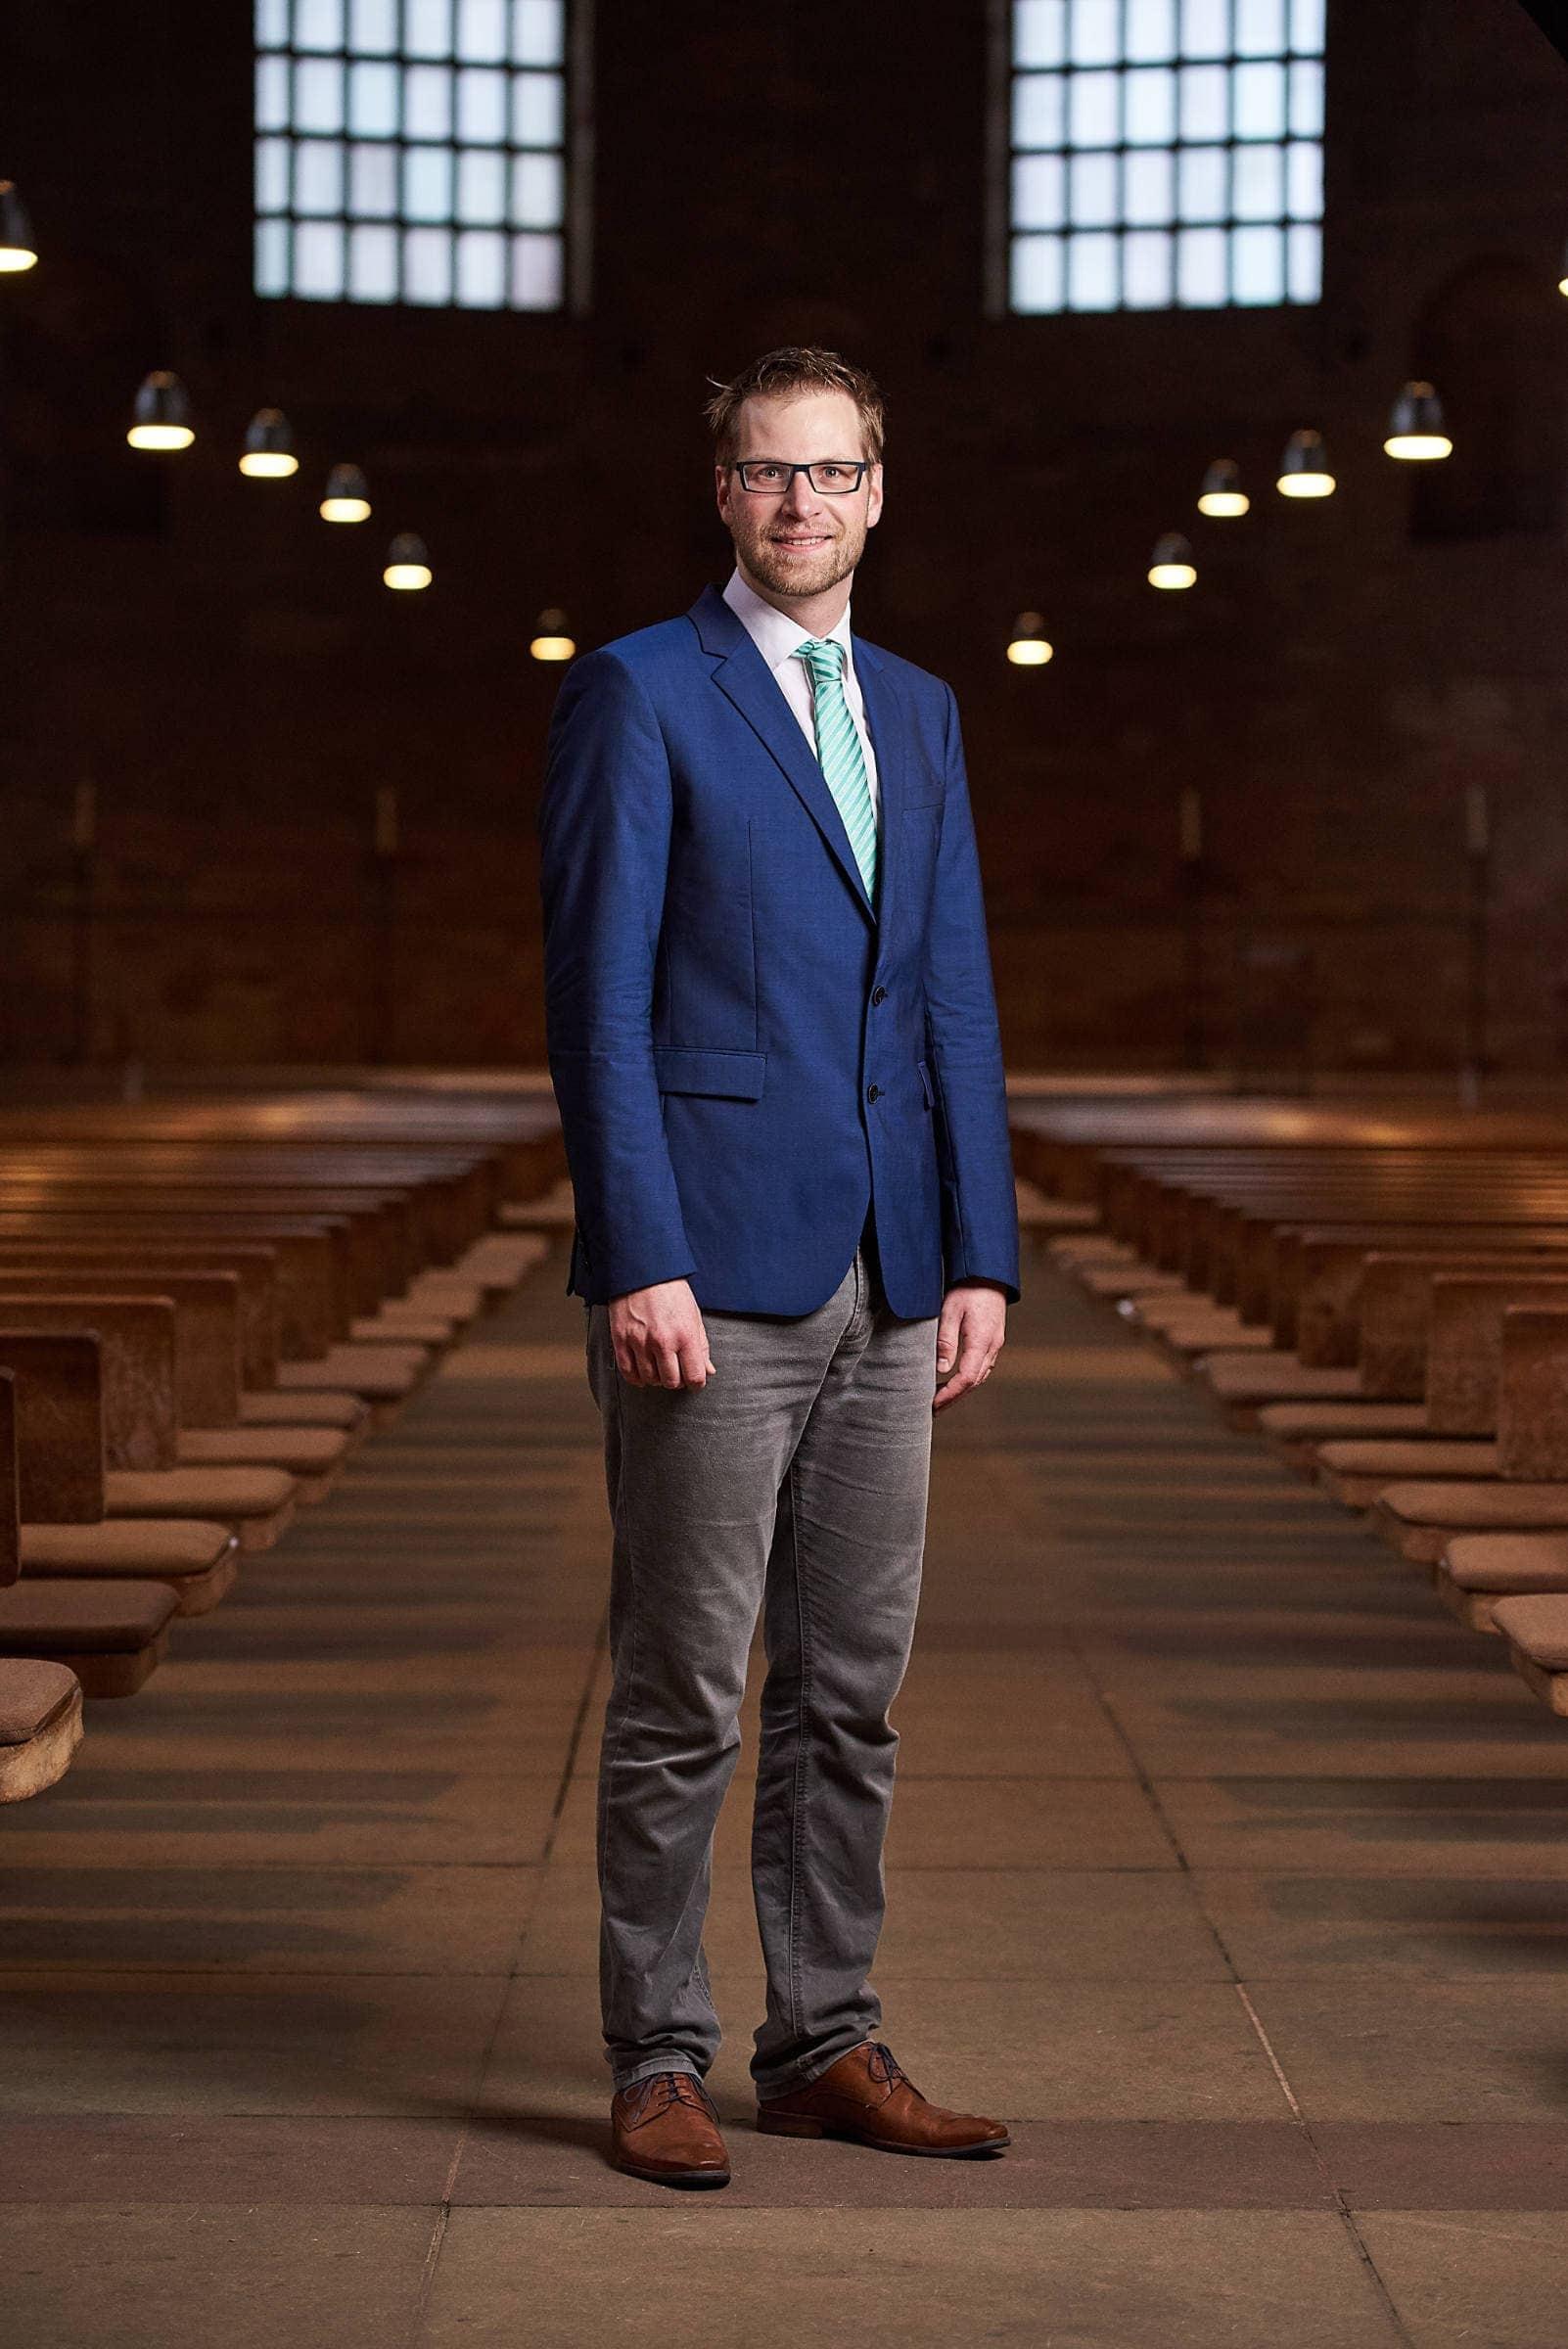 PR Fotografie für die evangelische Kirchengemeinde Trier, Pfarrer Matthias Ratz